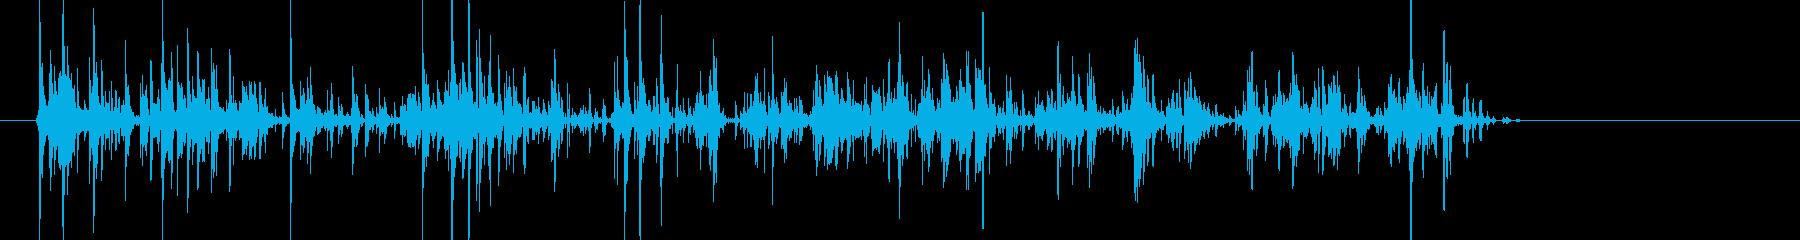 ちゃりちゃり!キーホルダーの鈴の音の再生済みの波形